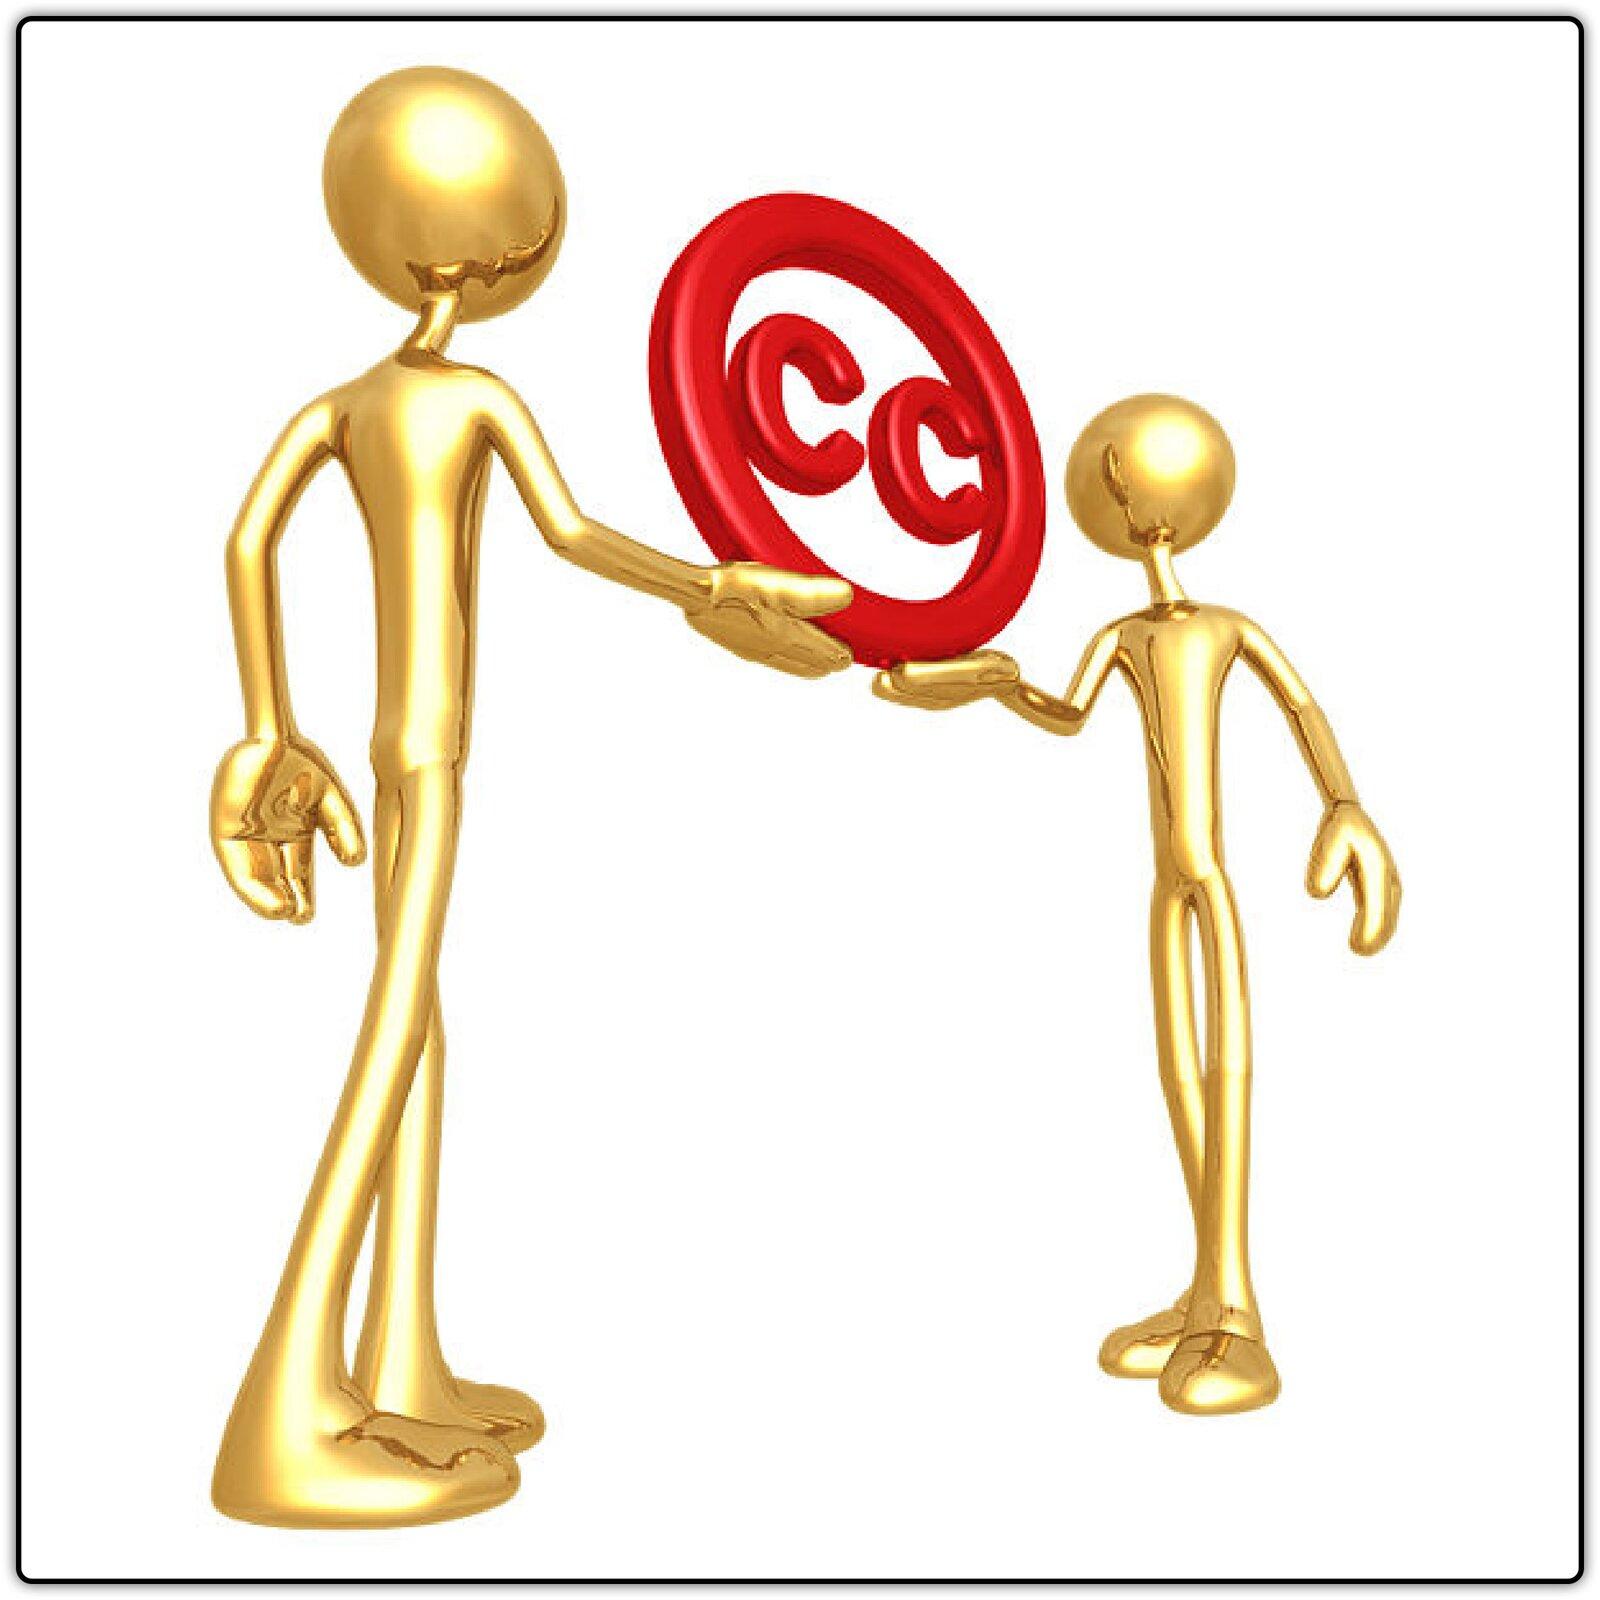 Ilustracja przedstawiająca symbol wolnych licencji trzymany przez dwie postaci